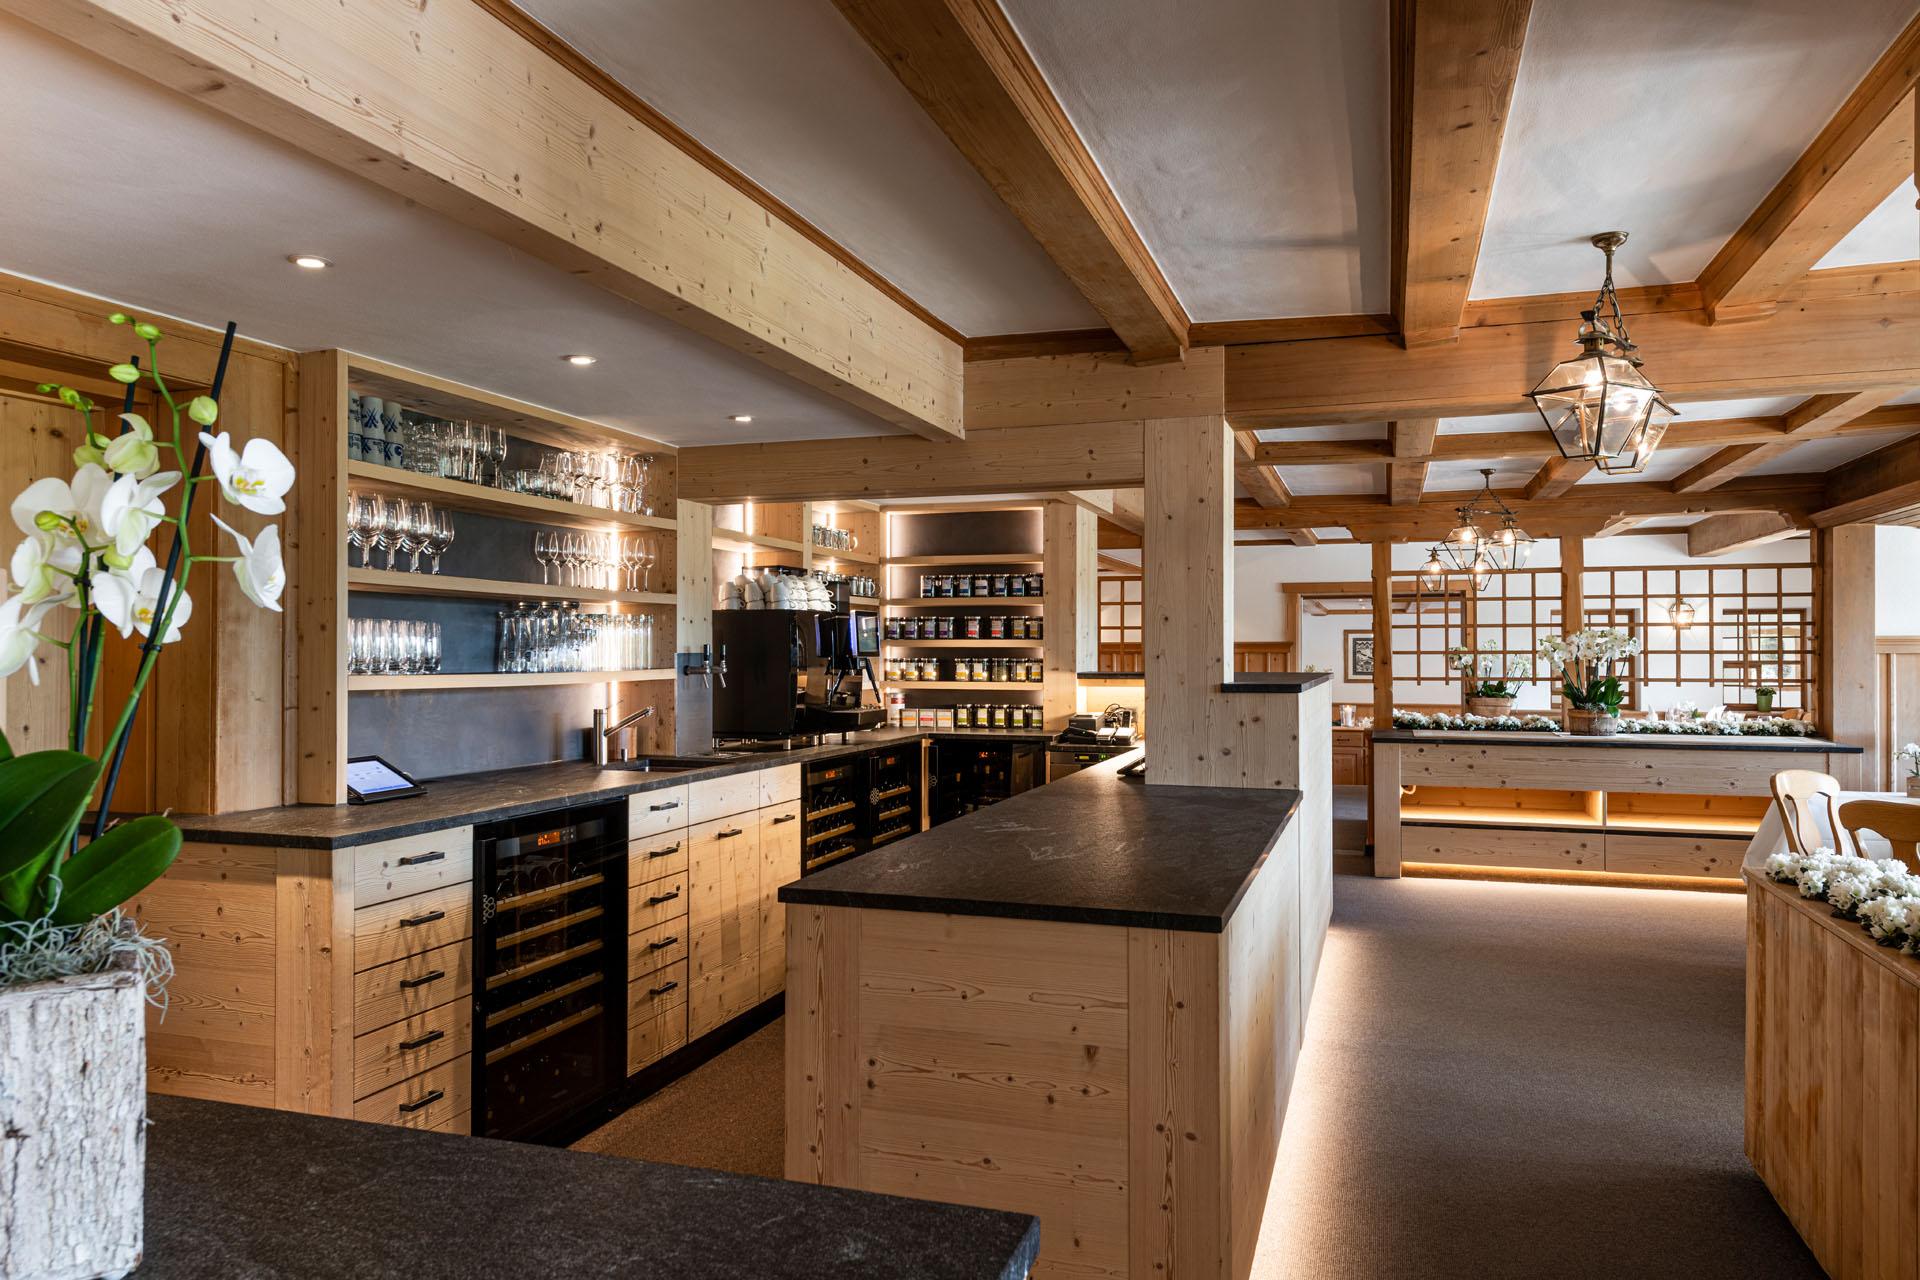 https://fsw-kreatektur.ch/wp-content/uploads/Fsw-Kreatektur-Architektur-Umbau-Hotel-Hornberg-Saanenmoeser-Restaurant.jpg